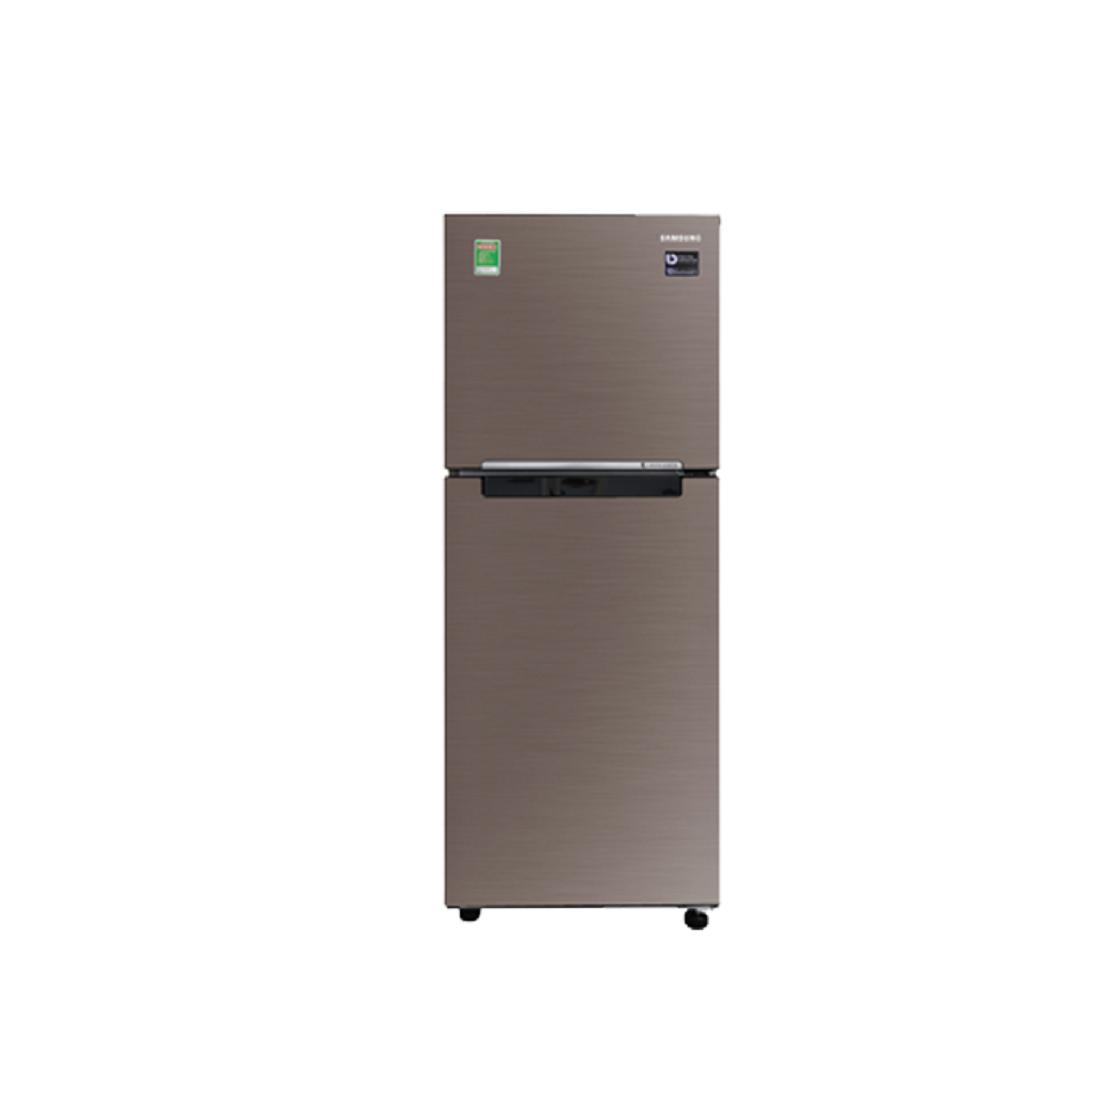 Tủ Lạnh Samsung Inverter 208 Lít RT20HAR8DDX/SV-Thế giới đồ gia